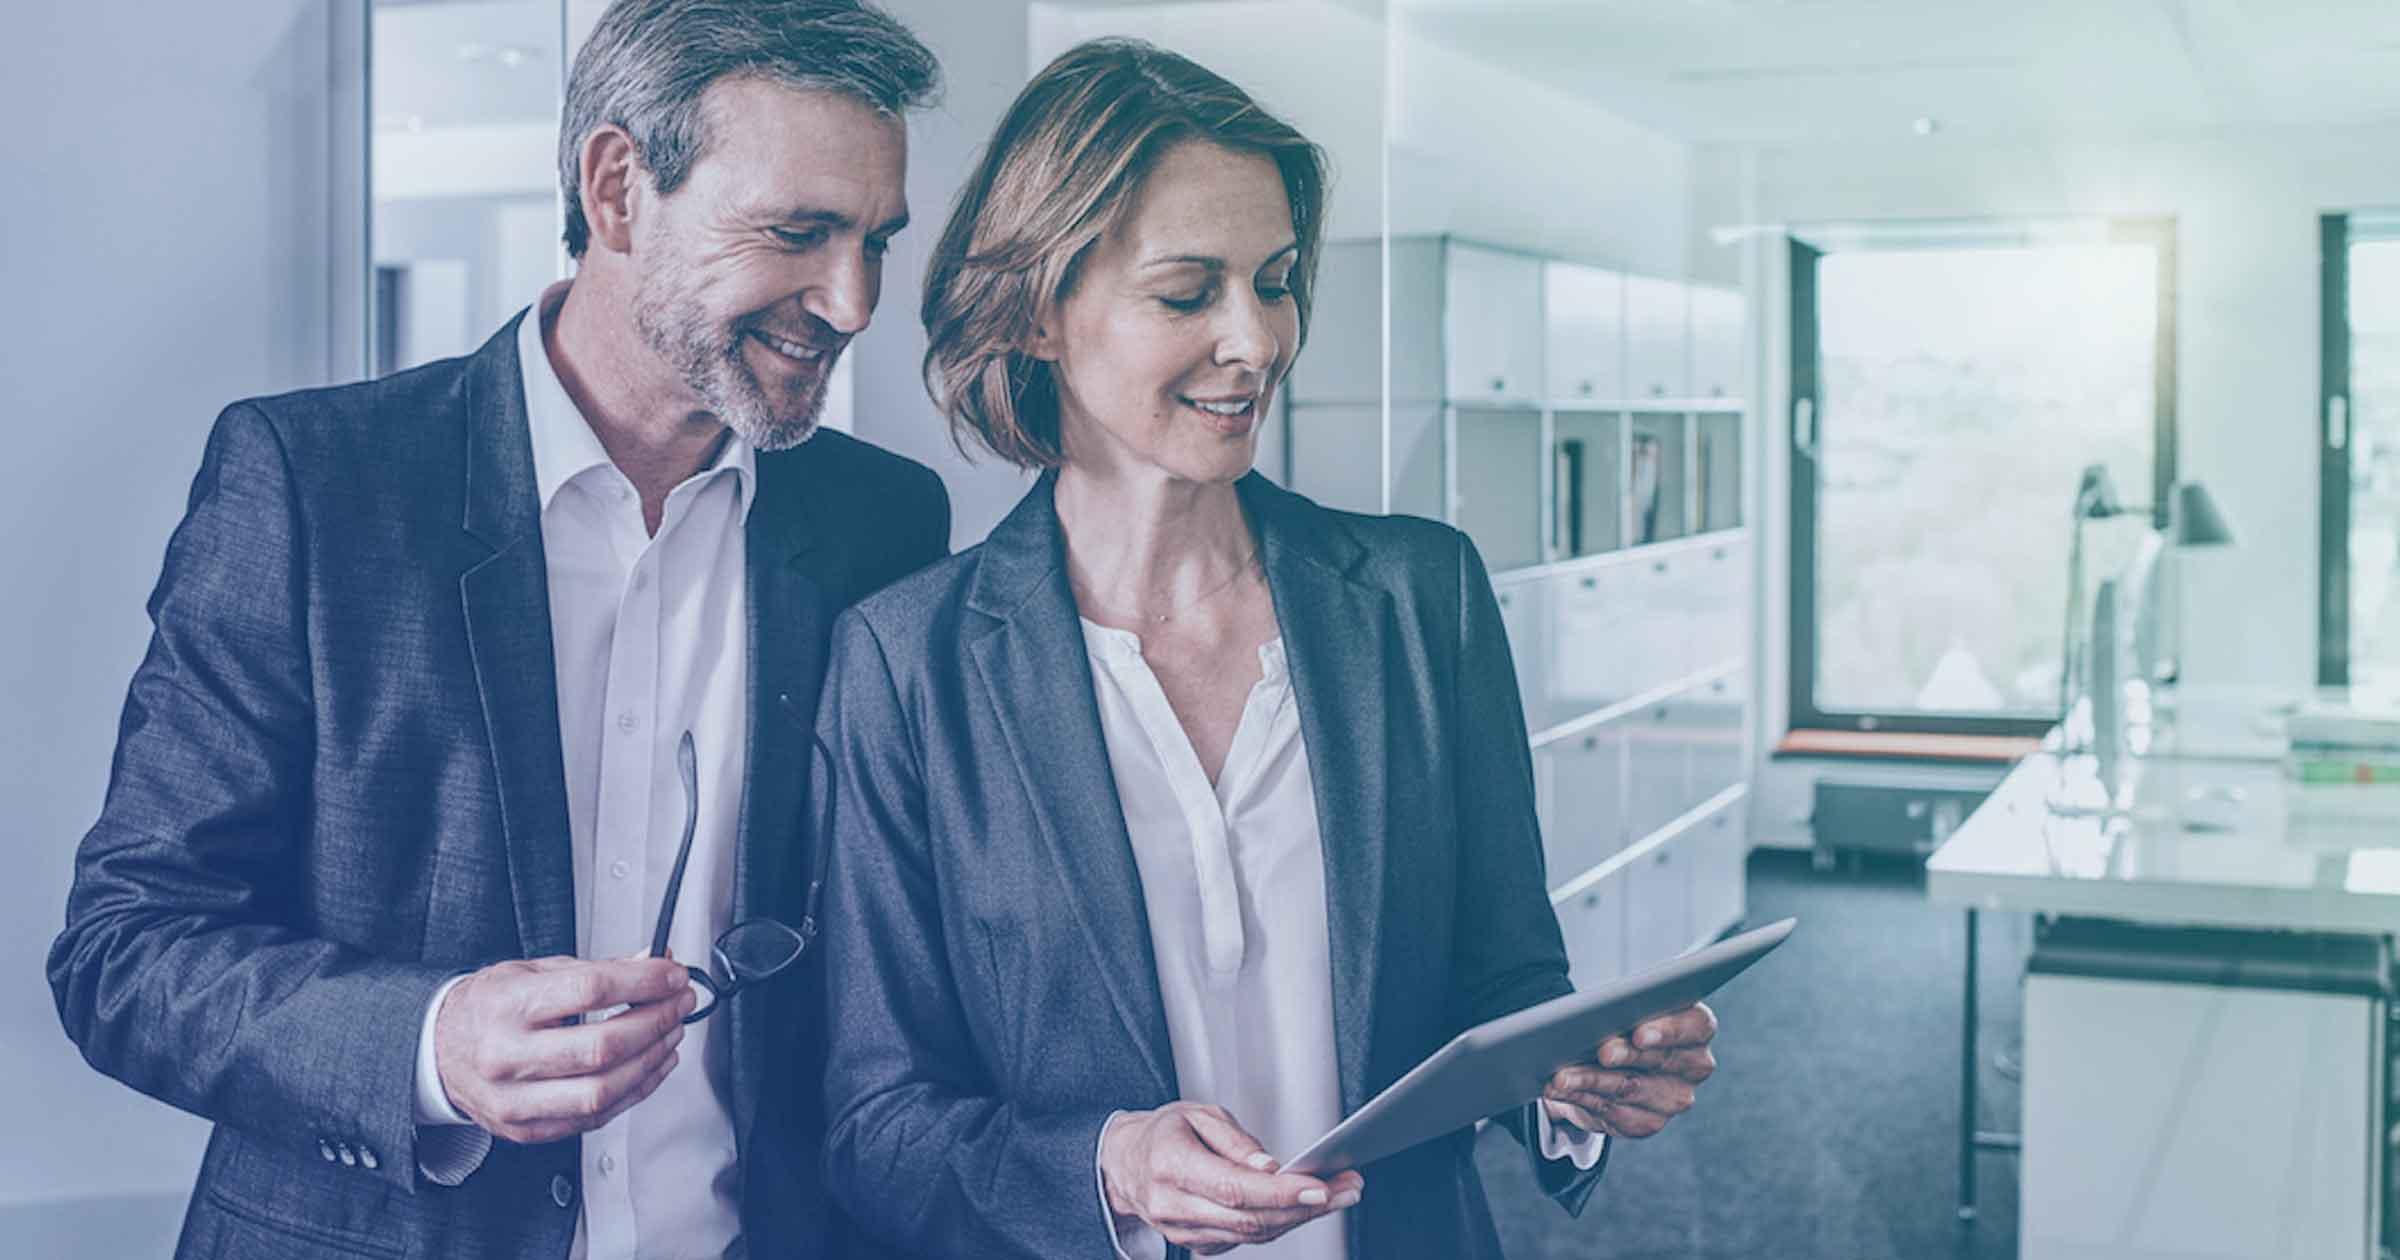 Personalmanagement Software: Vorteile und Freiräume gewinnbringend nutzen